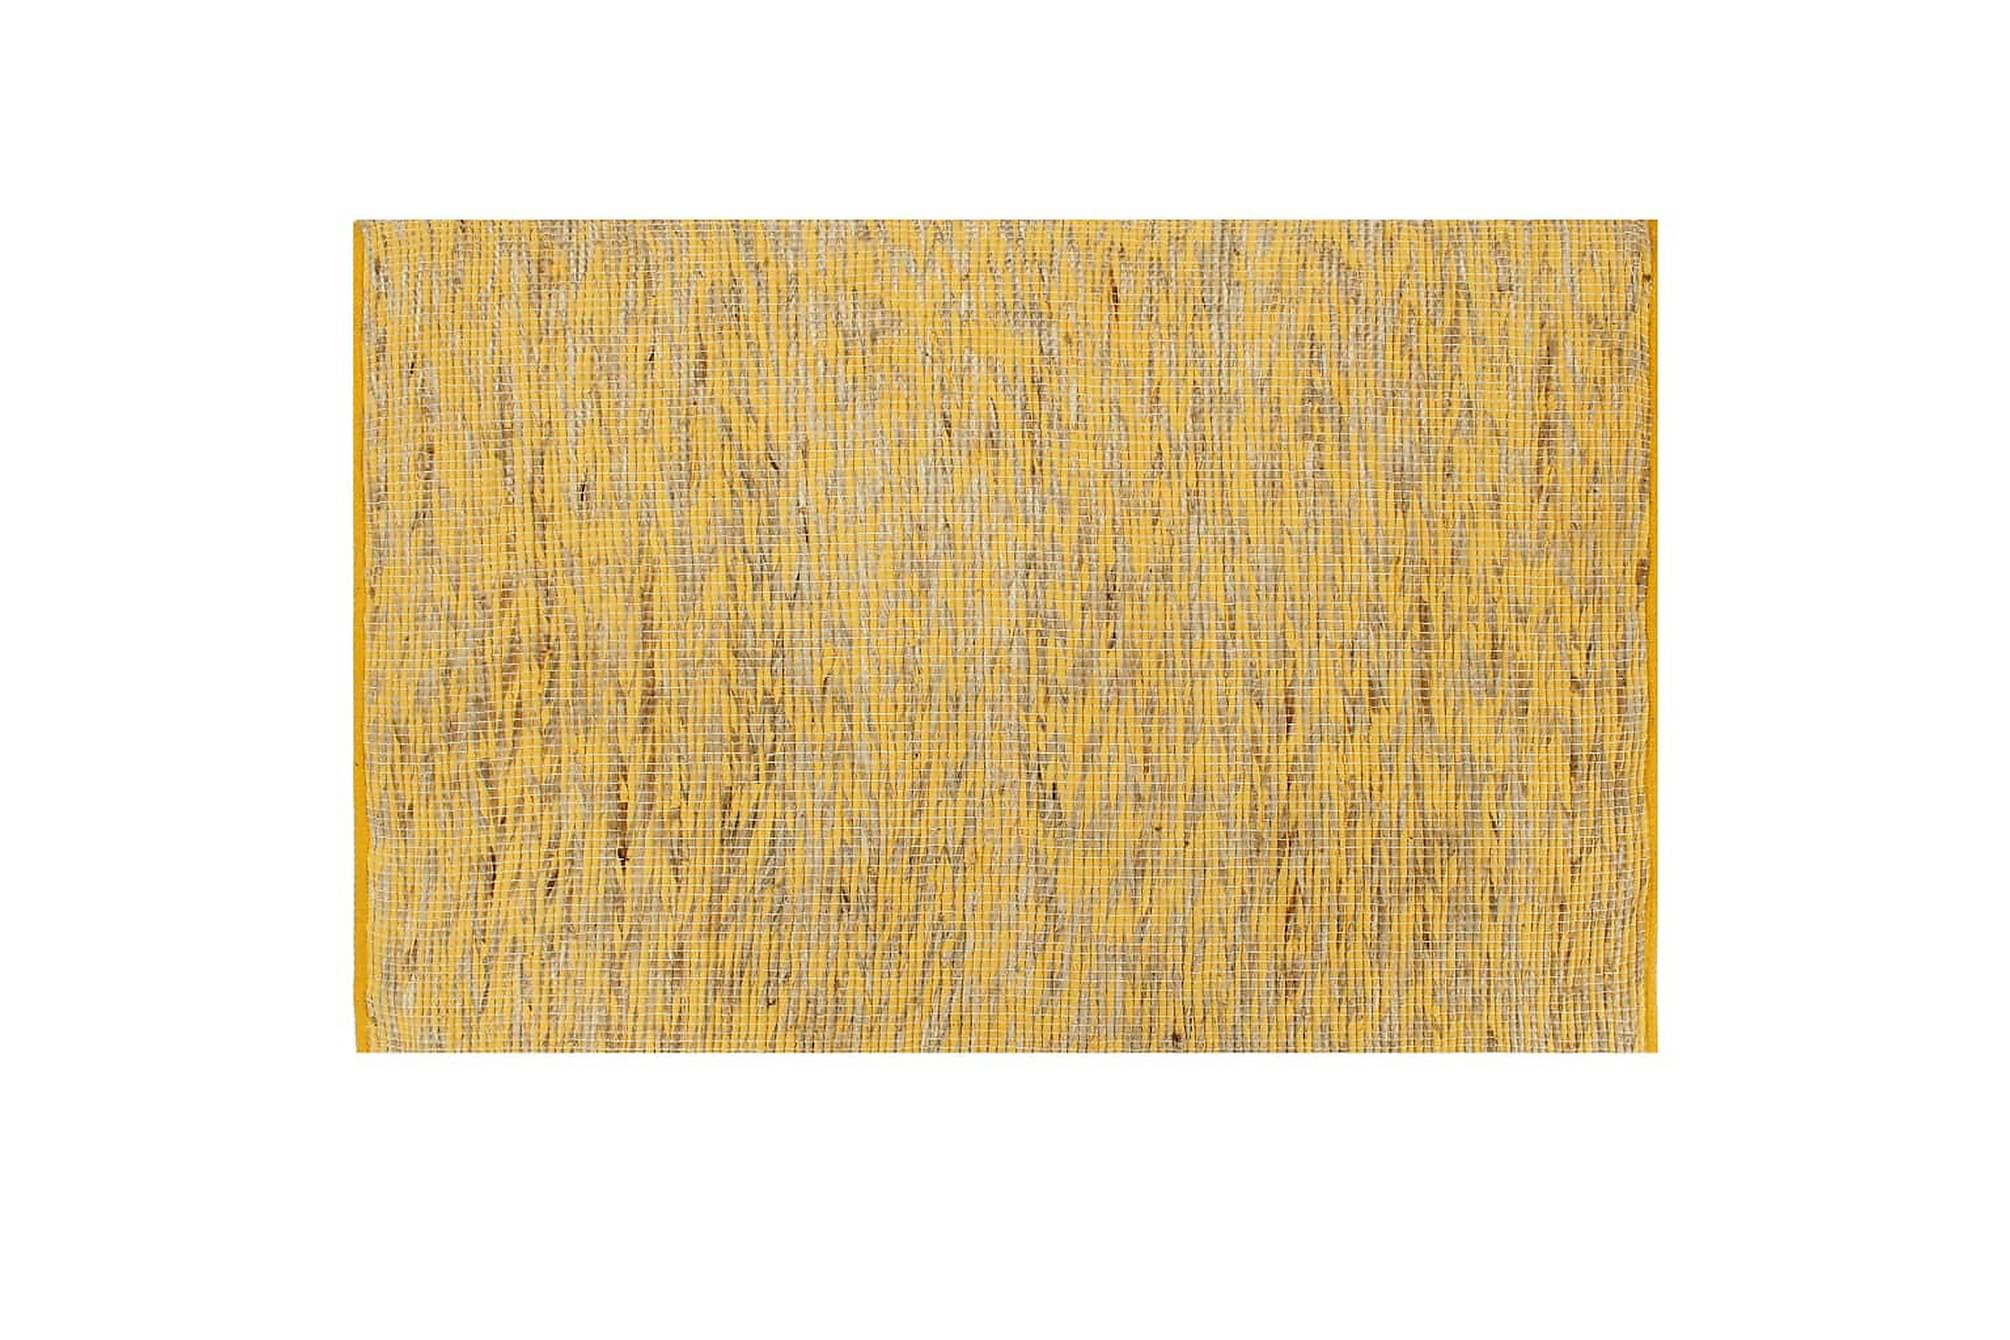 Handgjord jutematta gul och naturlig 120x180 cm, Handvävda mattor